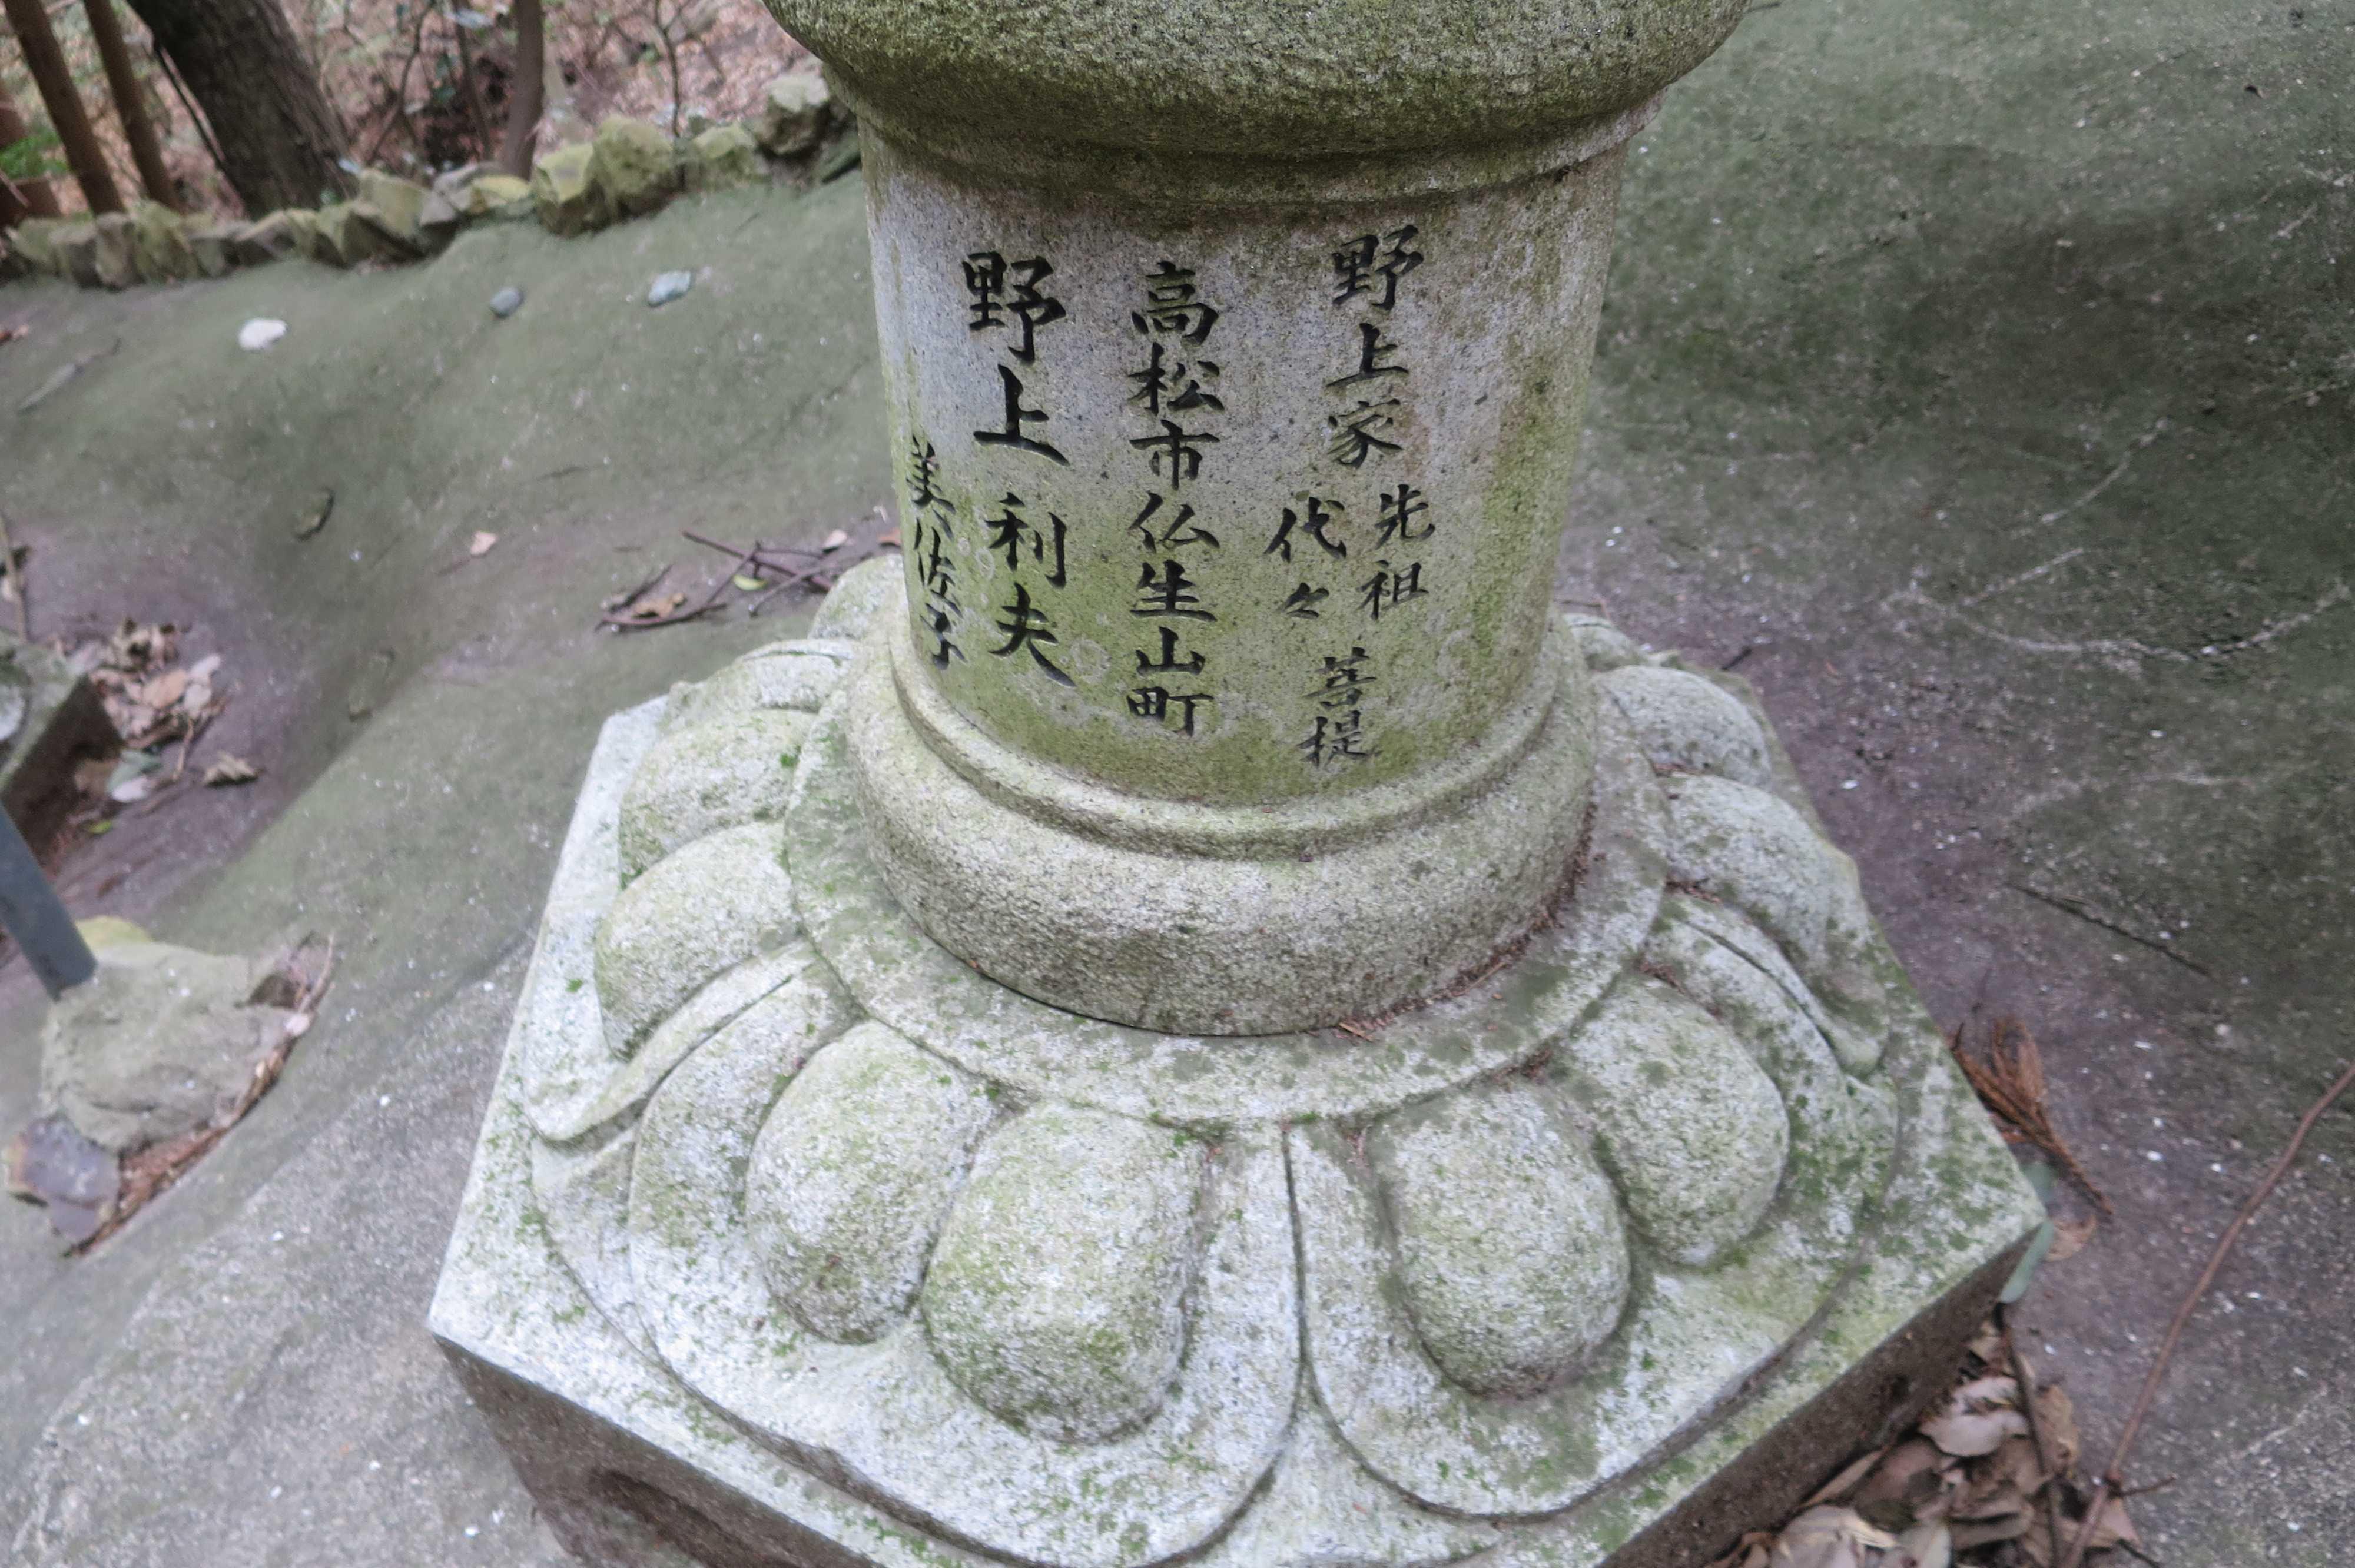 石灯籠 - 先祖代々菩提 - 奥の院捨身ヶ嶽禅定